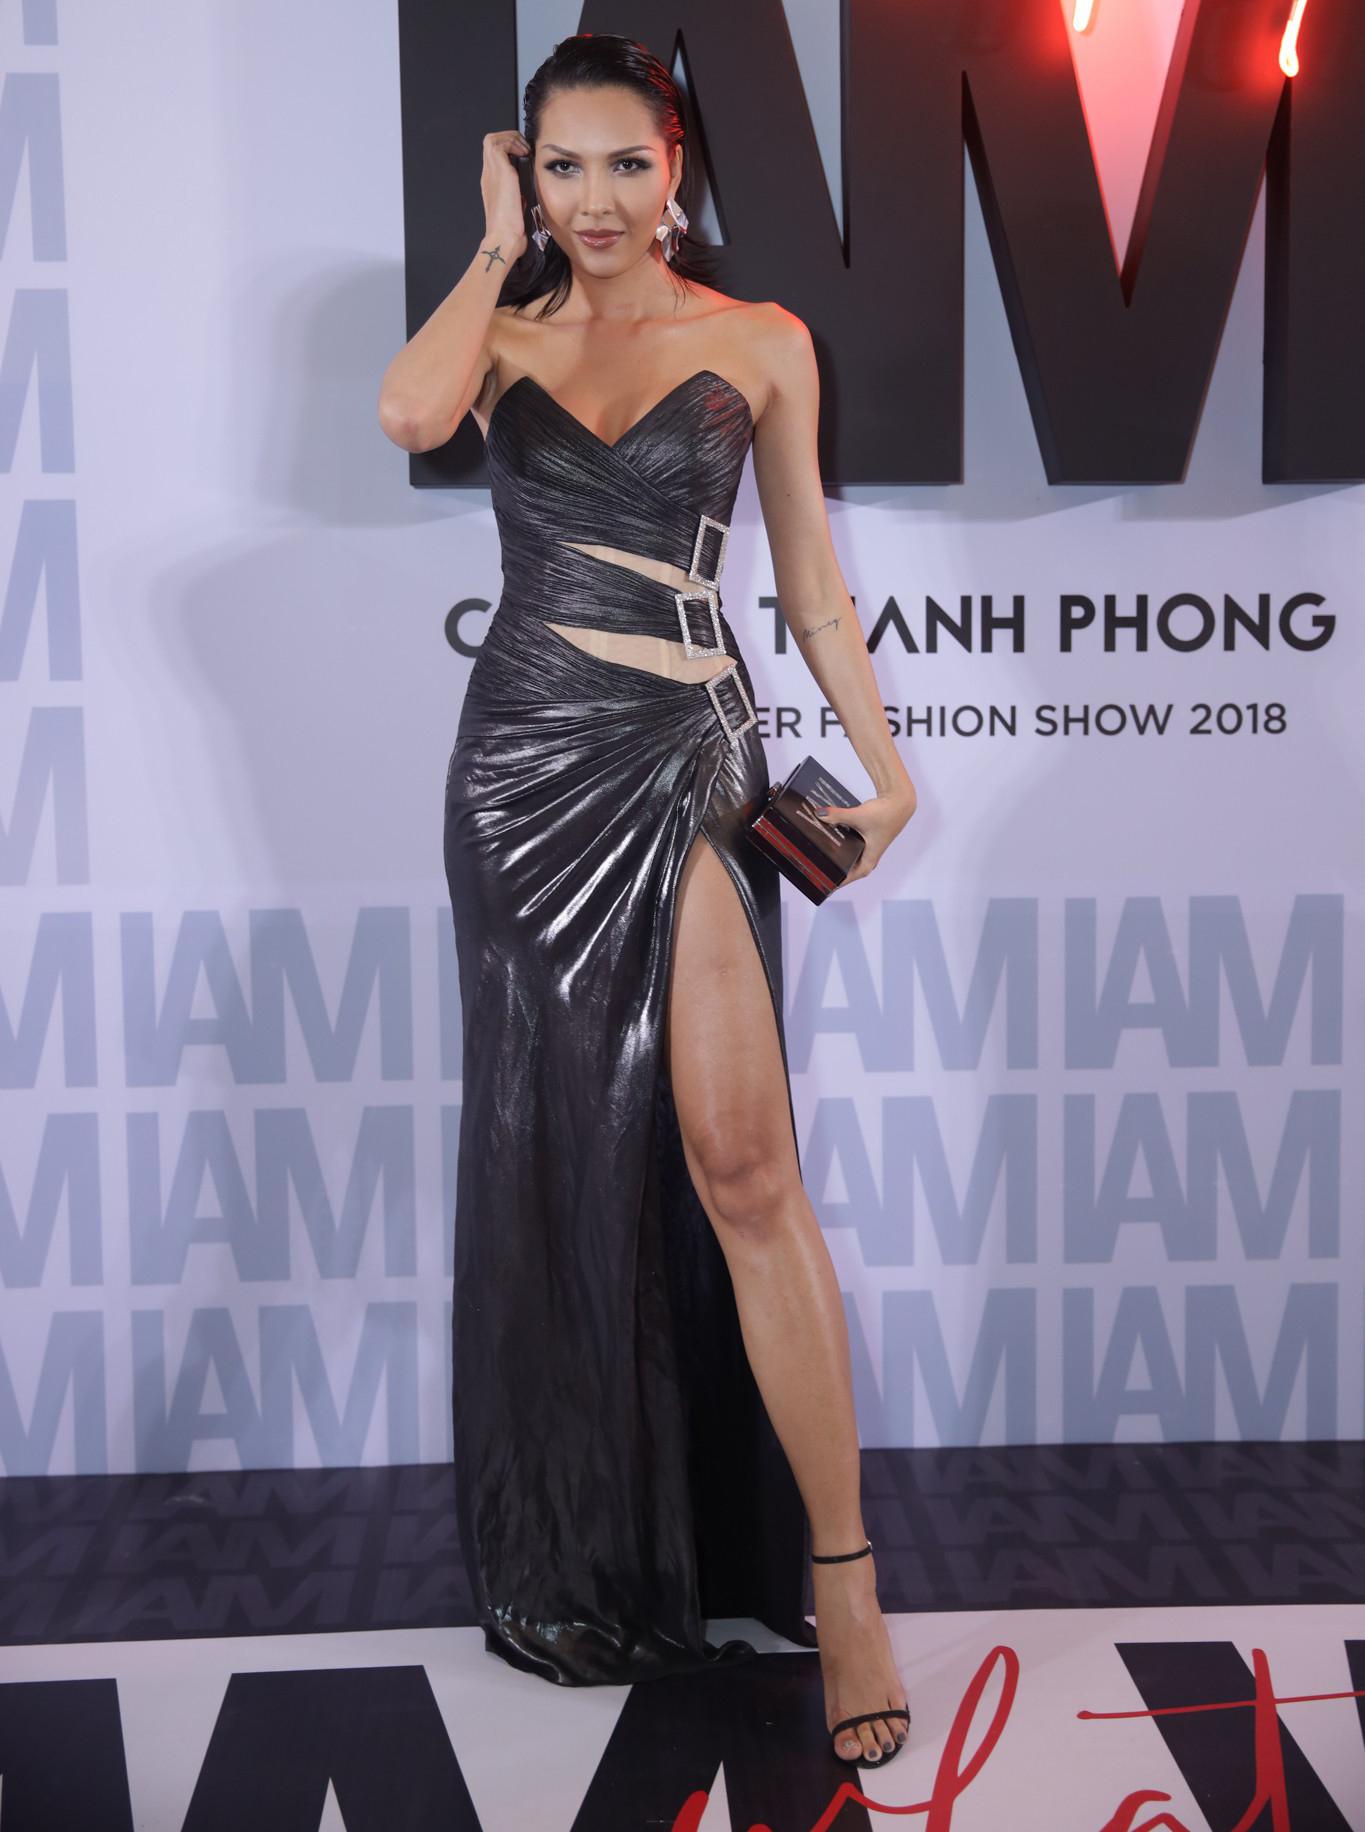 Thảm đỏ show Chung Thanh Phong: Khi dàn sao nữ đồng loạt lên đồ như dự lễ hội Halloween - Ảnh 9